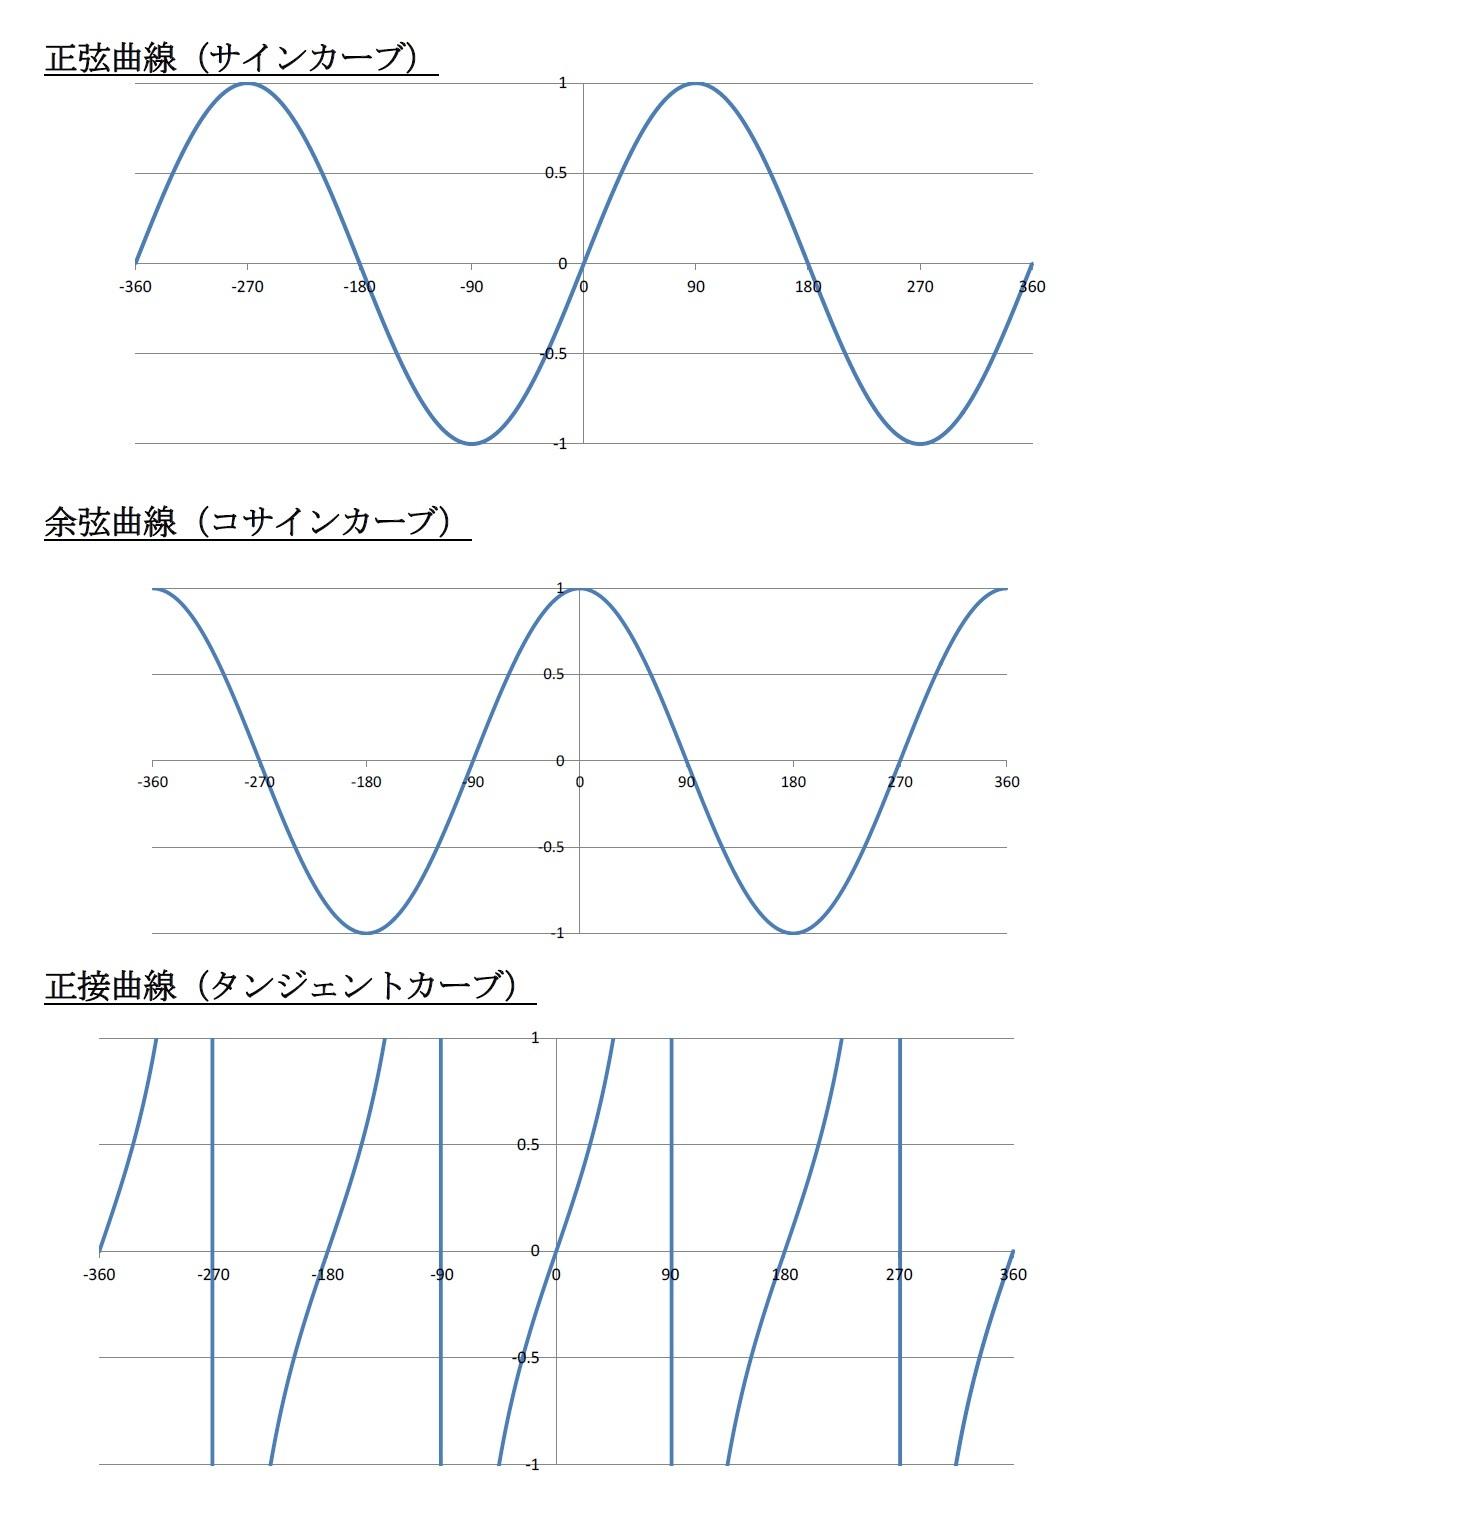 正弦曲線(サインカーブ)/余弦曲線(コサインカーブ)/正接曲線(タンジェントカーブ)